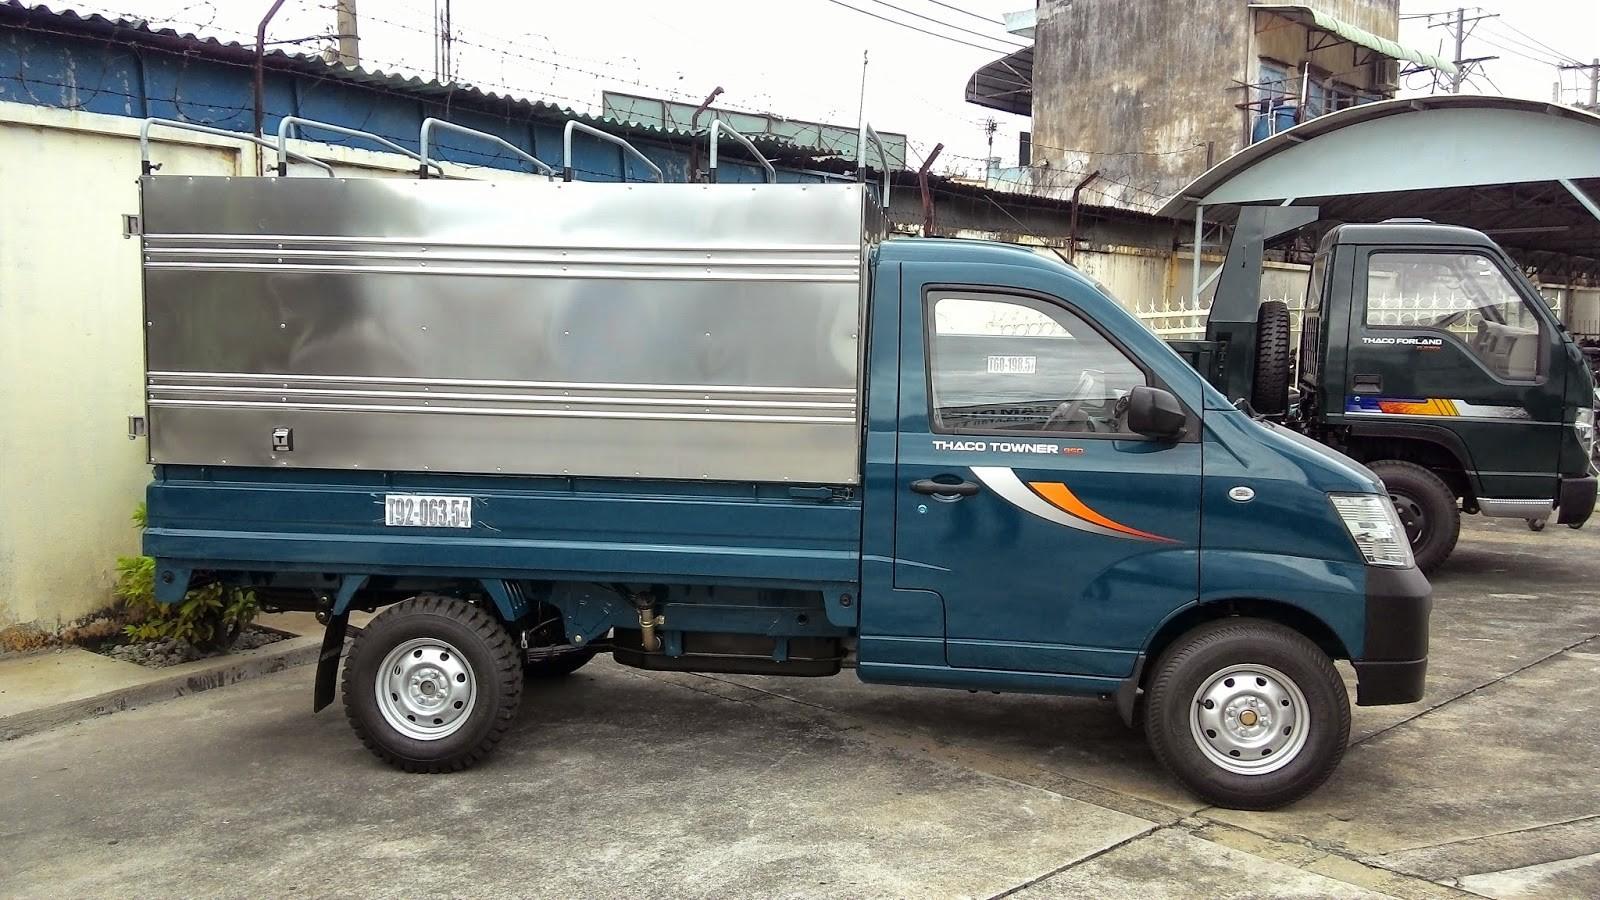 THACO cung cấp các dòng xe tải chất lượng cao KIA, HYUNDAI, THACO OLLIN, THACO TOWNER tải trọng từ 615 kg đến 9.5 tấn Ảnh số 40511071